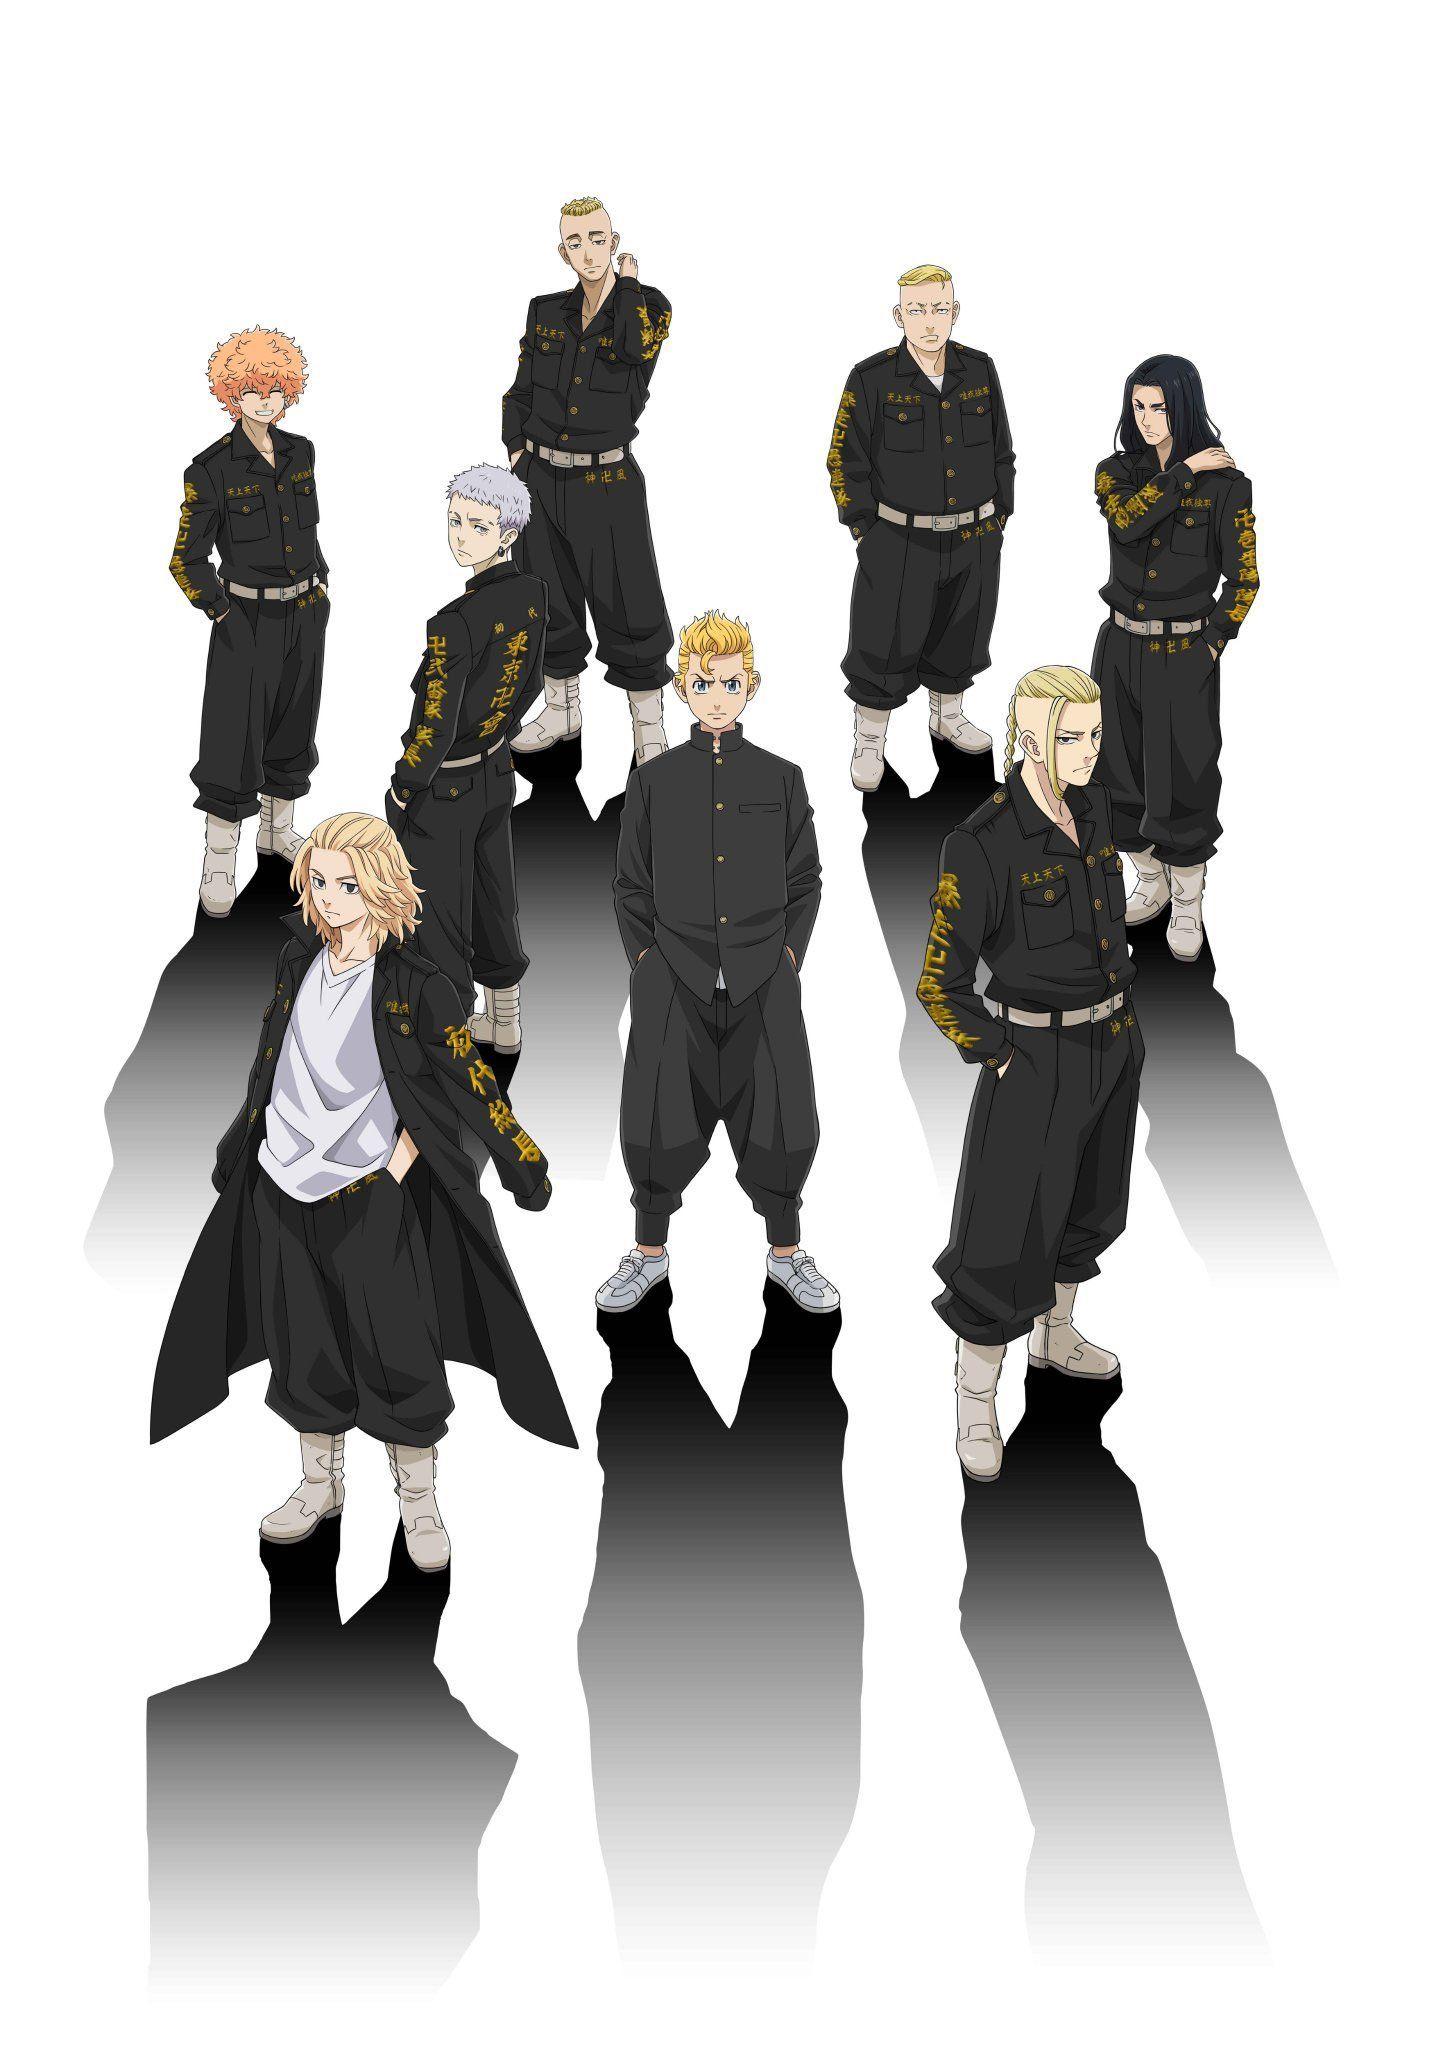 Tokyo revengers anime visual 2